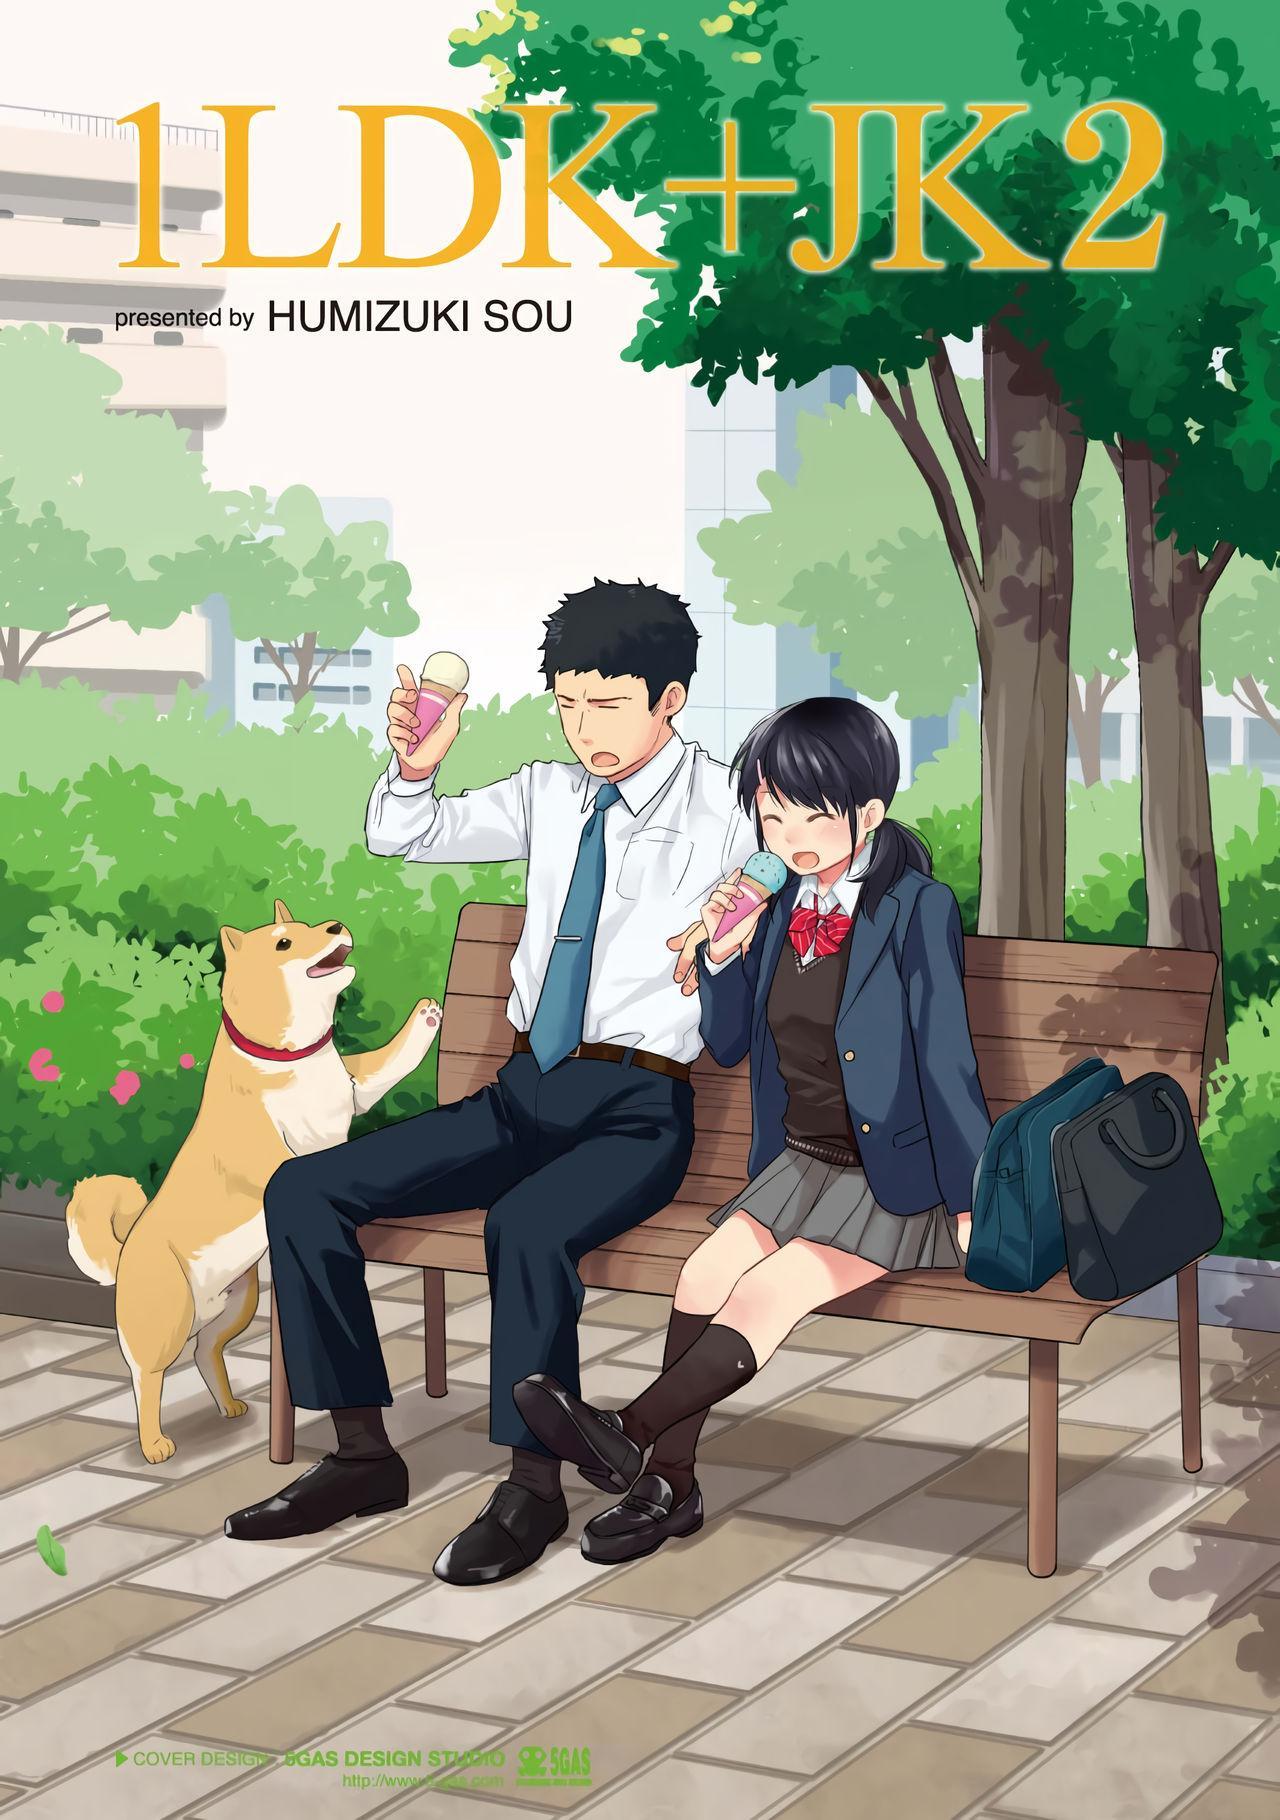 1LDK+JK Ikinari Doukyo? Micchaku!? Hatsu Ecchi!!? Vol.2 1